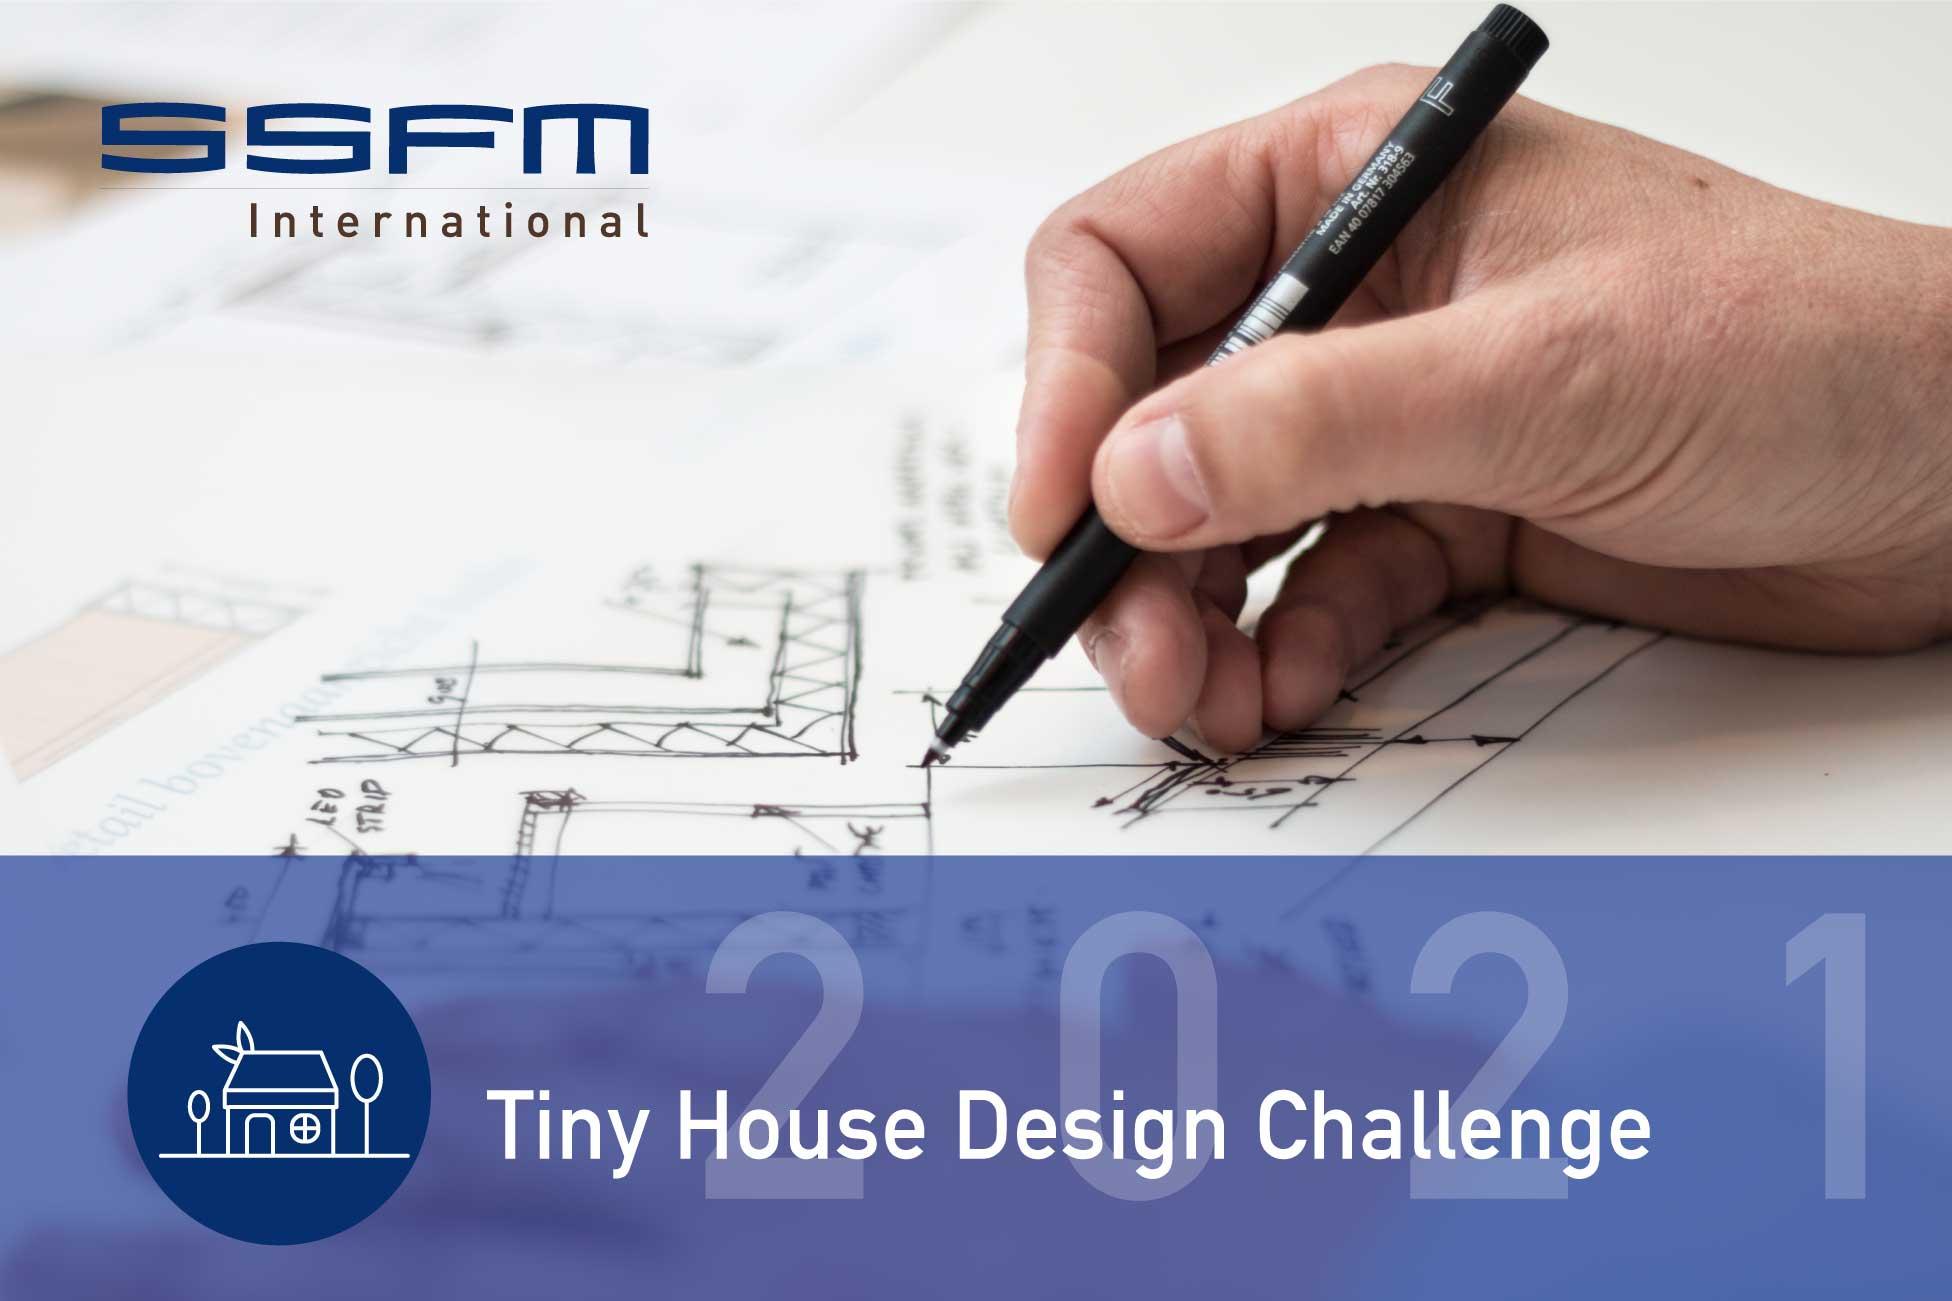 2021 Tiny House Design Challenge Ssfm